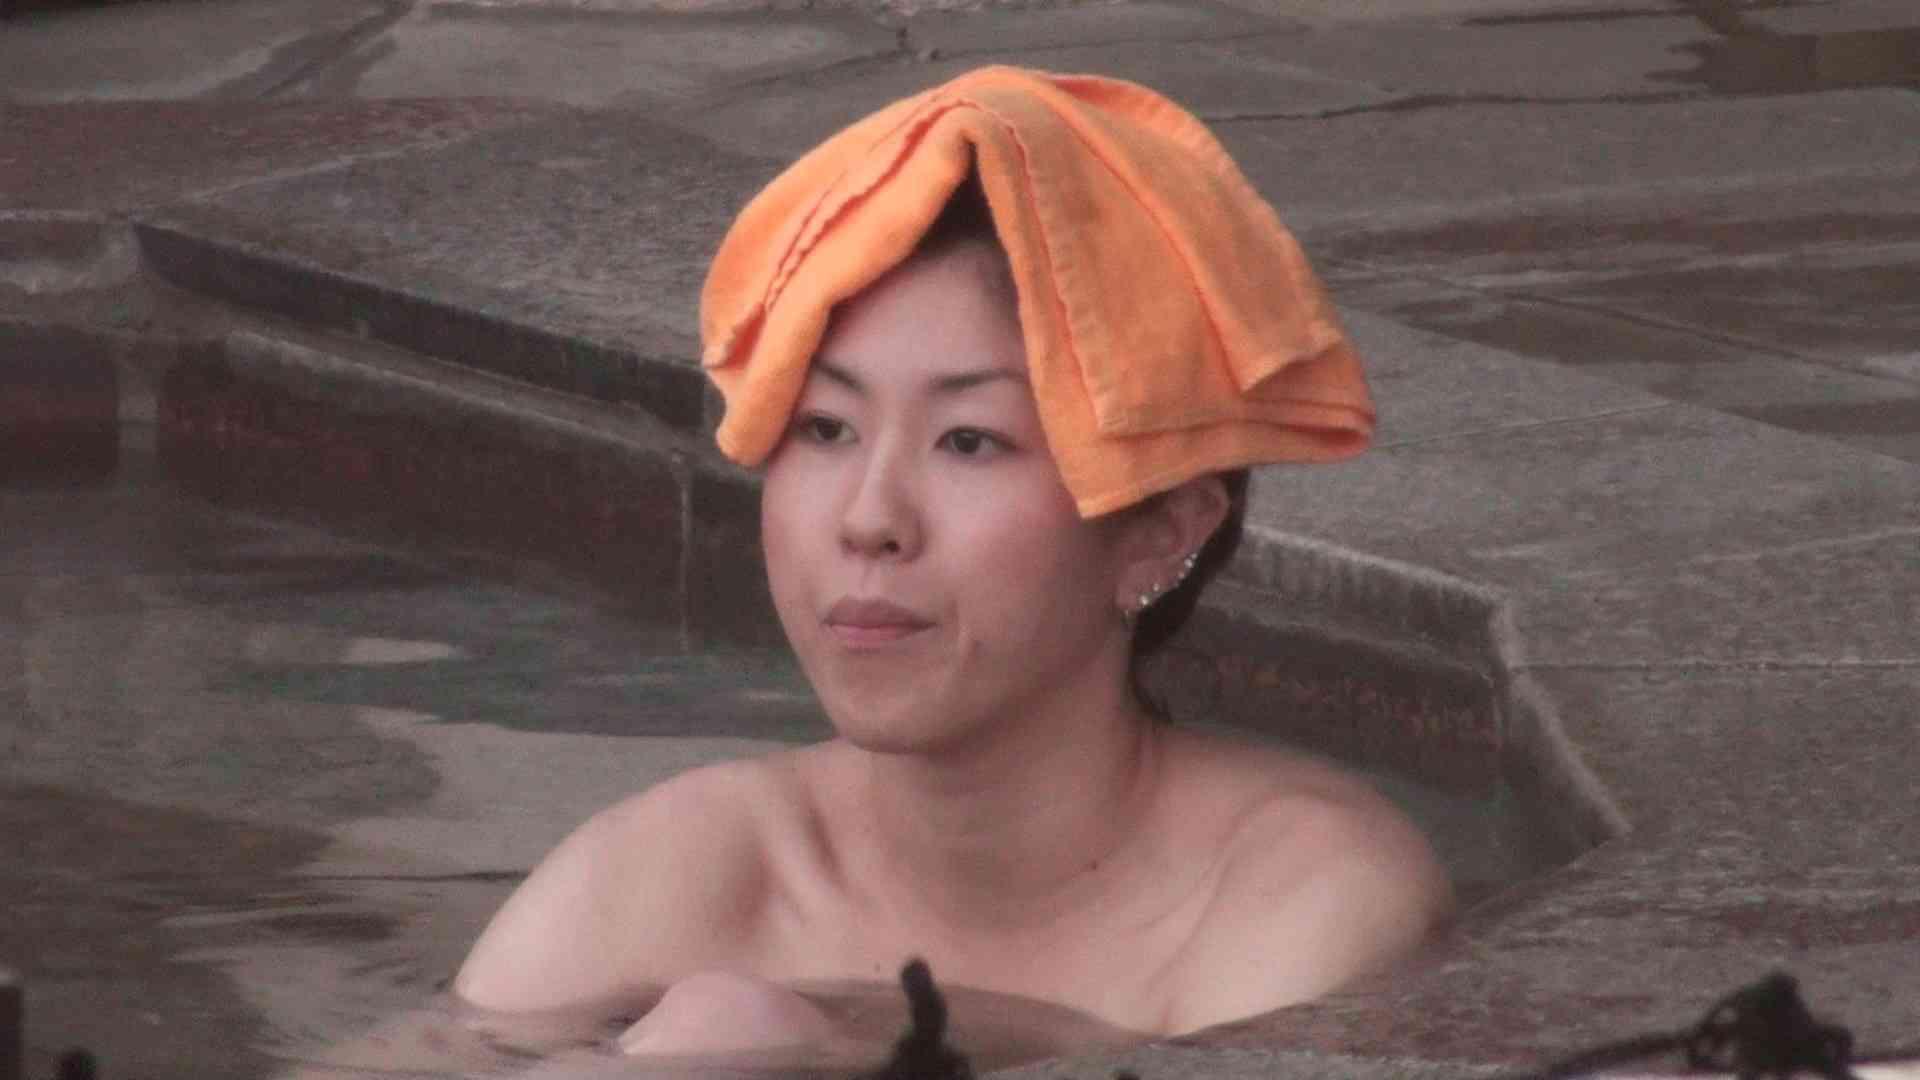 Aquaな露天風呂Vol.135 美しいOLの裸体 覗きおまんこ画像 105pic 83